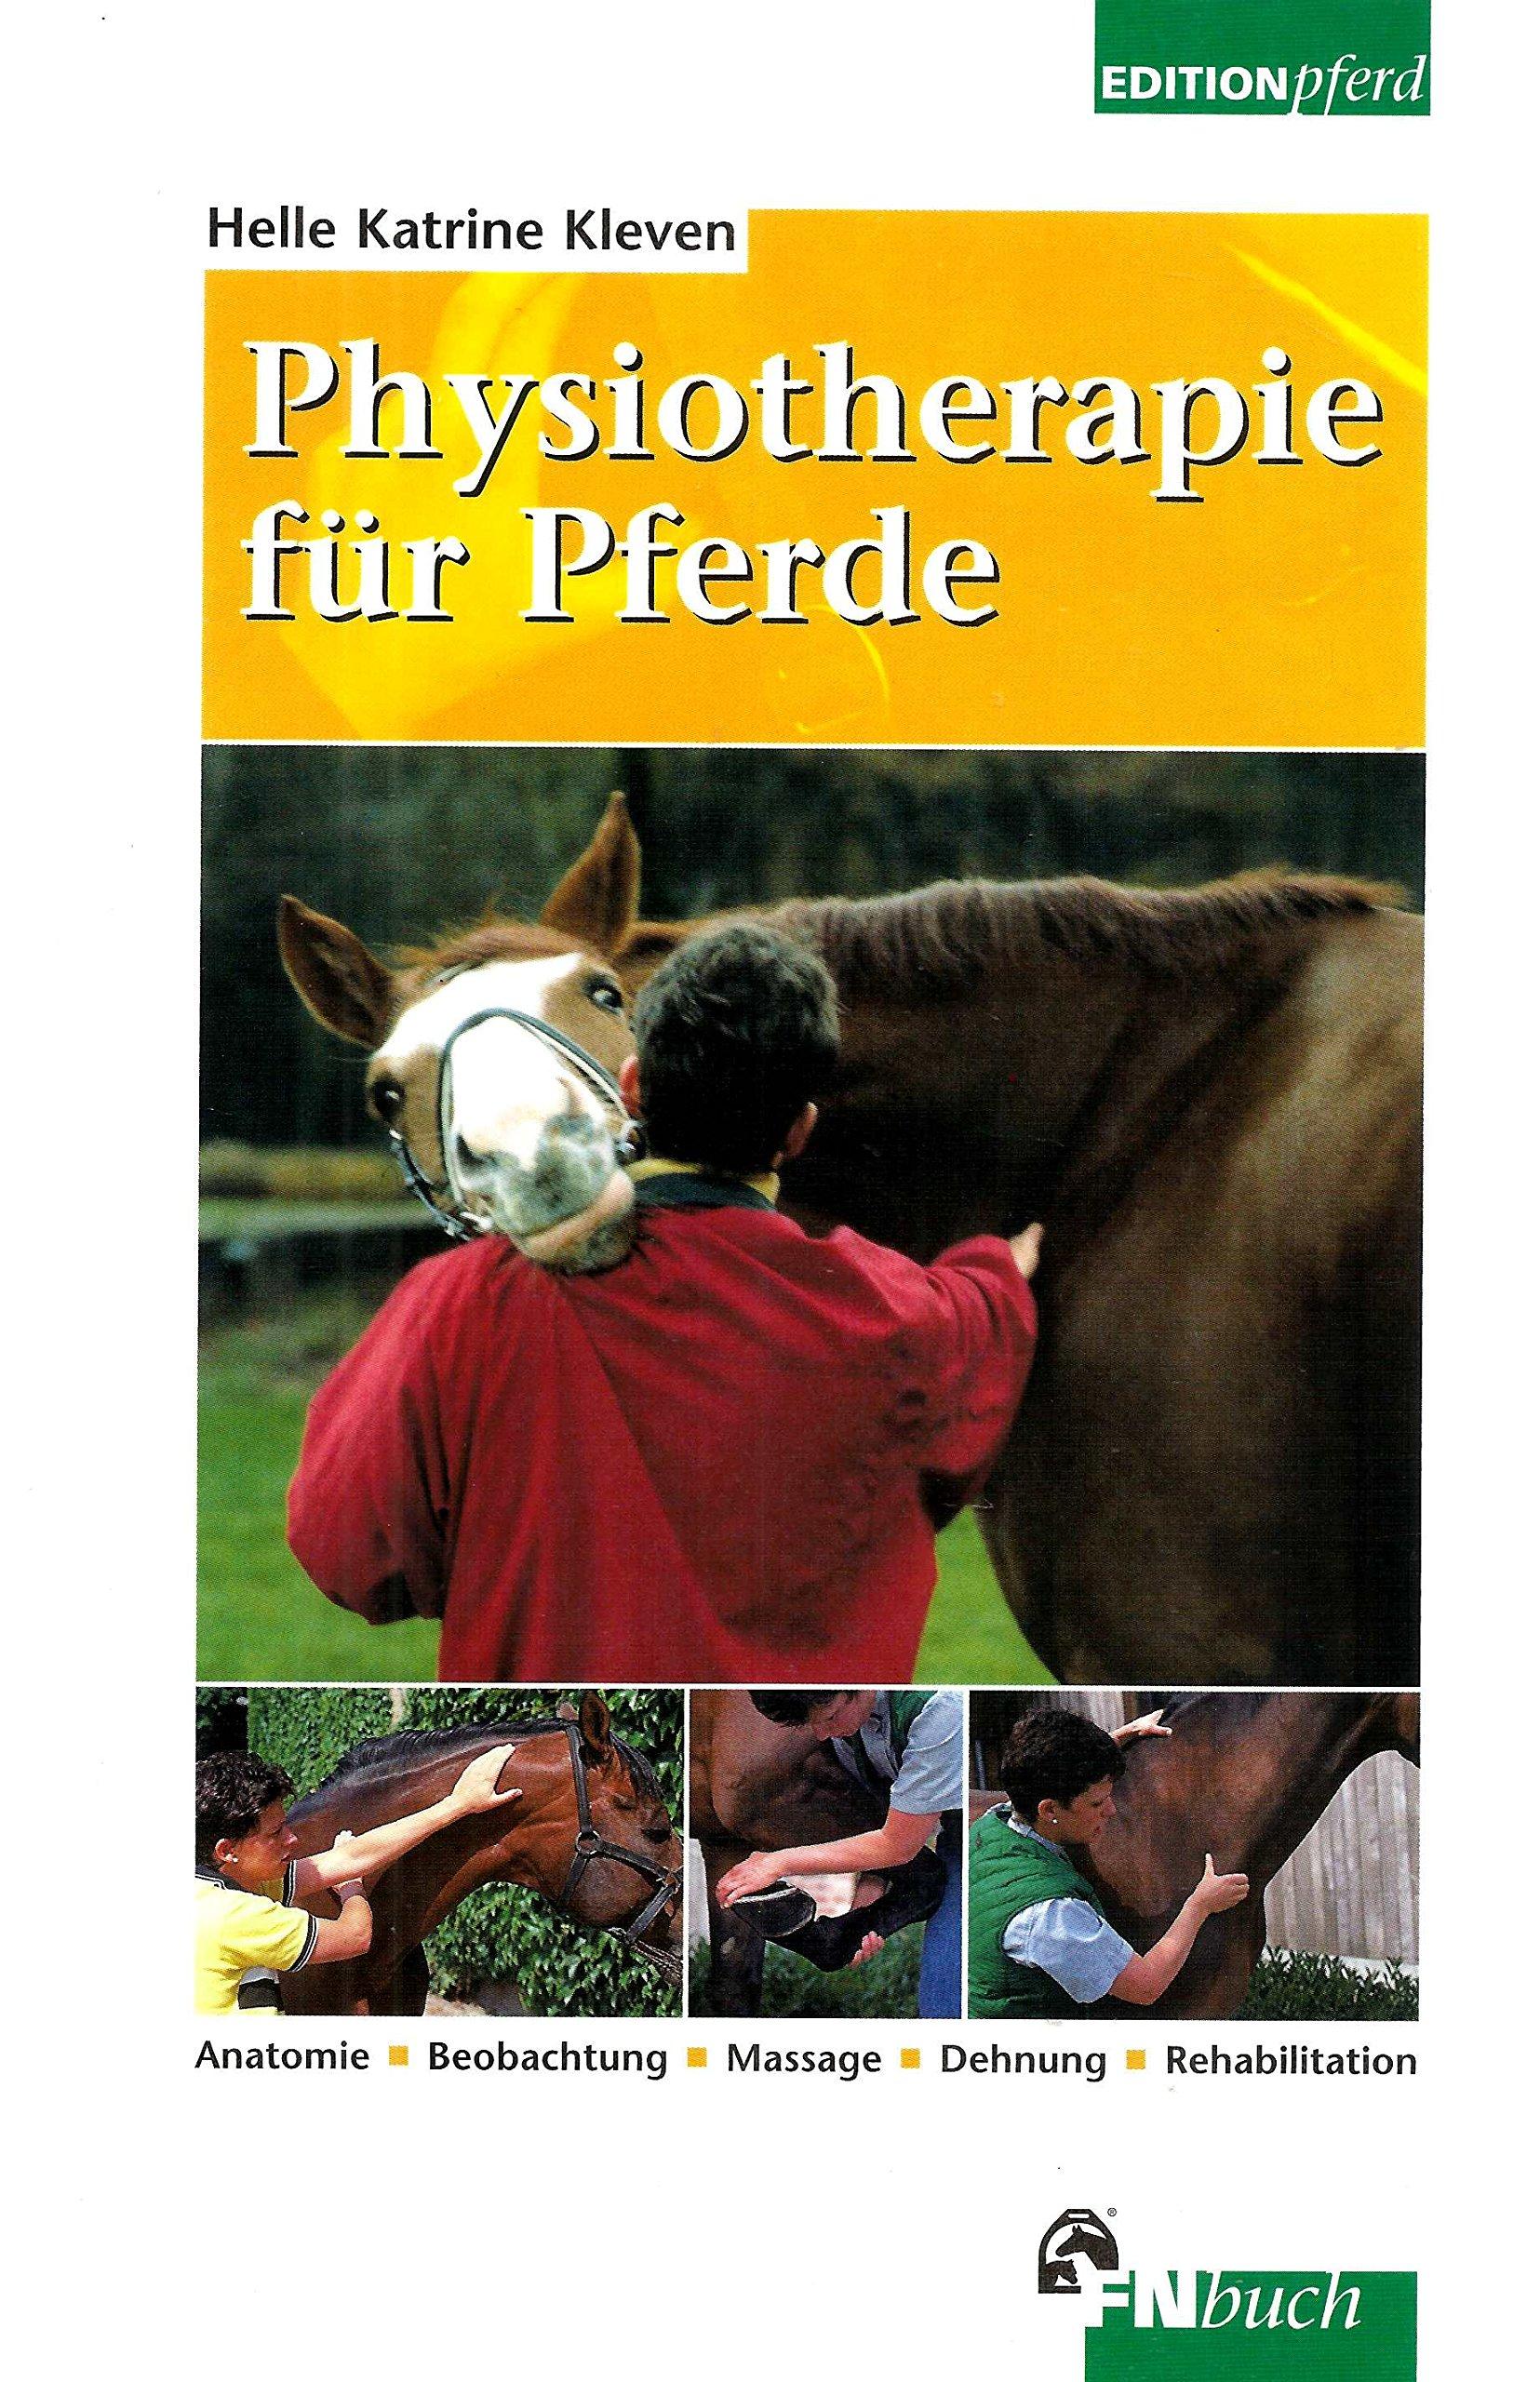 Physiotherapie für Pferde - Anatomie, Beobachtung, Massage, Dehnung, Rehabilitation